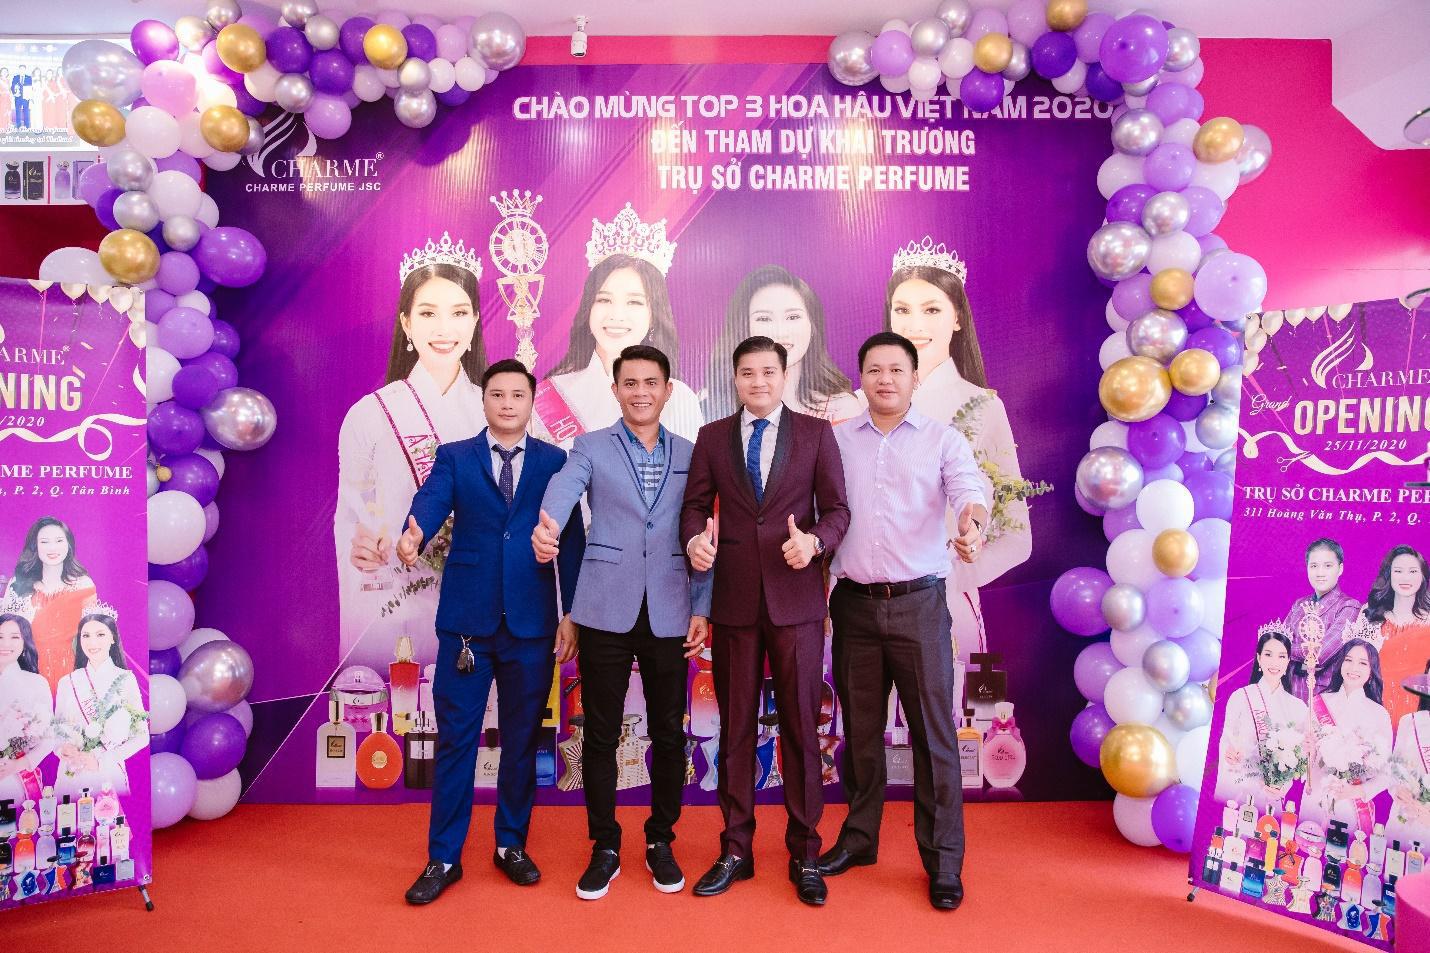 Top Hoa hậu Việt Nam 2020 đến chúc mừng nước hoa Charme khai trương trụ sở công ty tại TP.HCM - Ảnh 2.